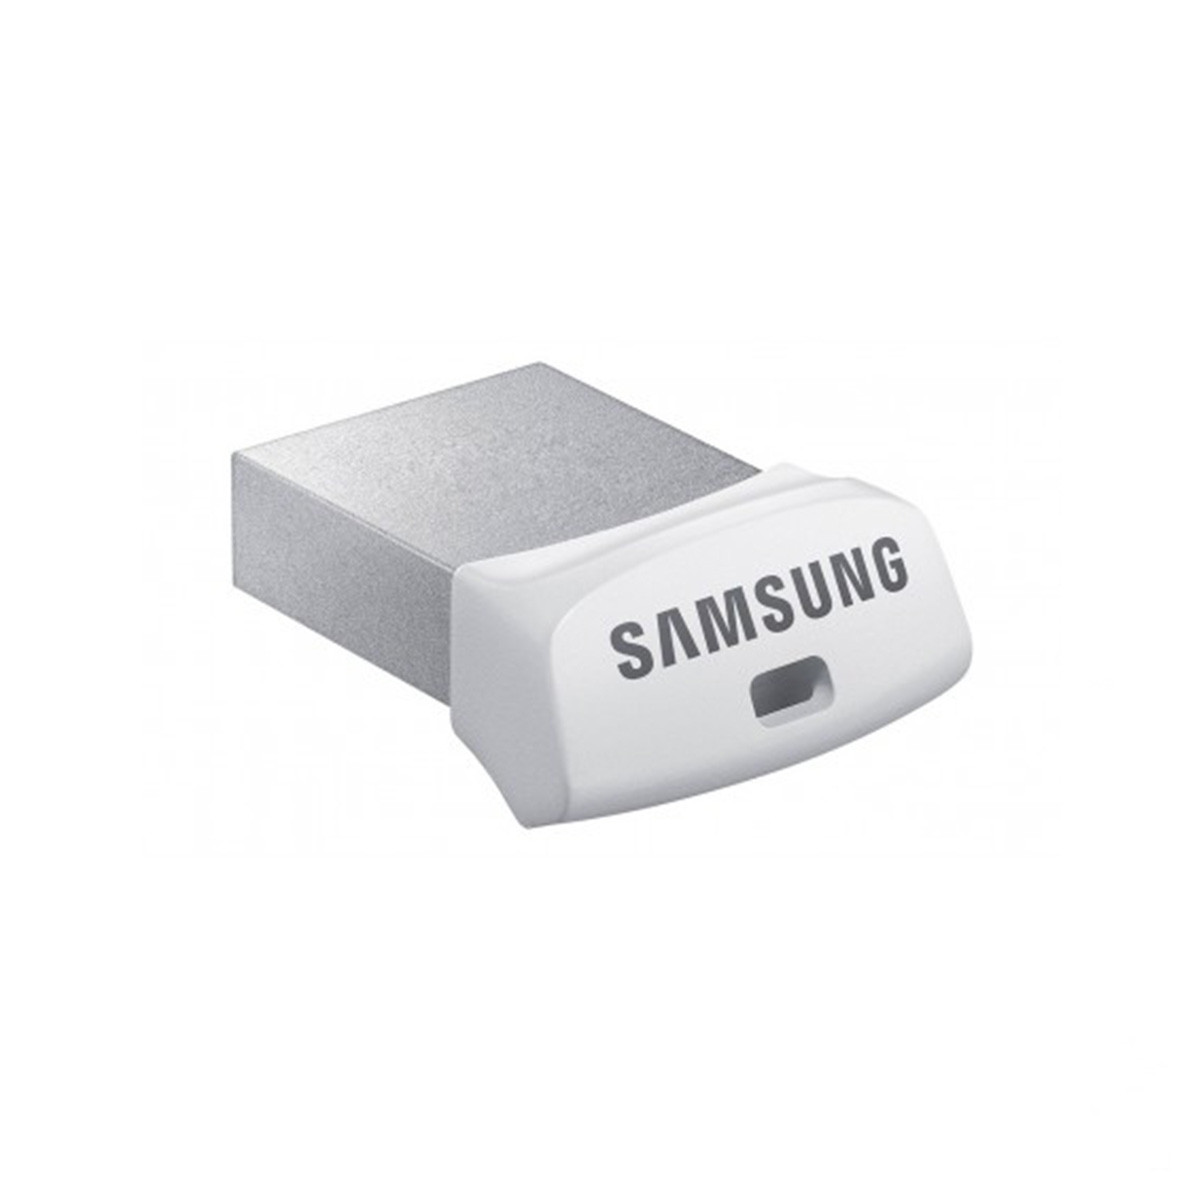 فلش مموری سامسونگ مدل USB 2.0 FLASh Drive fit  ظرفیت 64گیگابایت